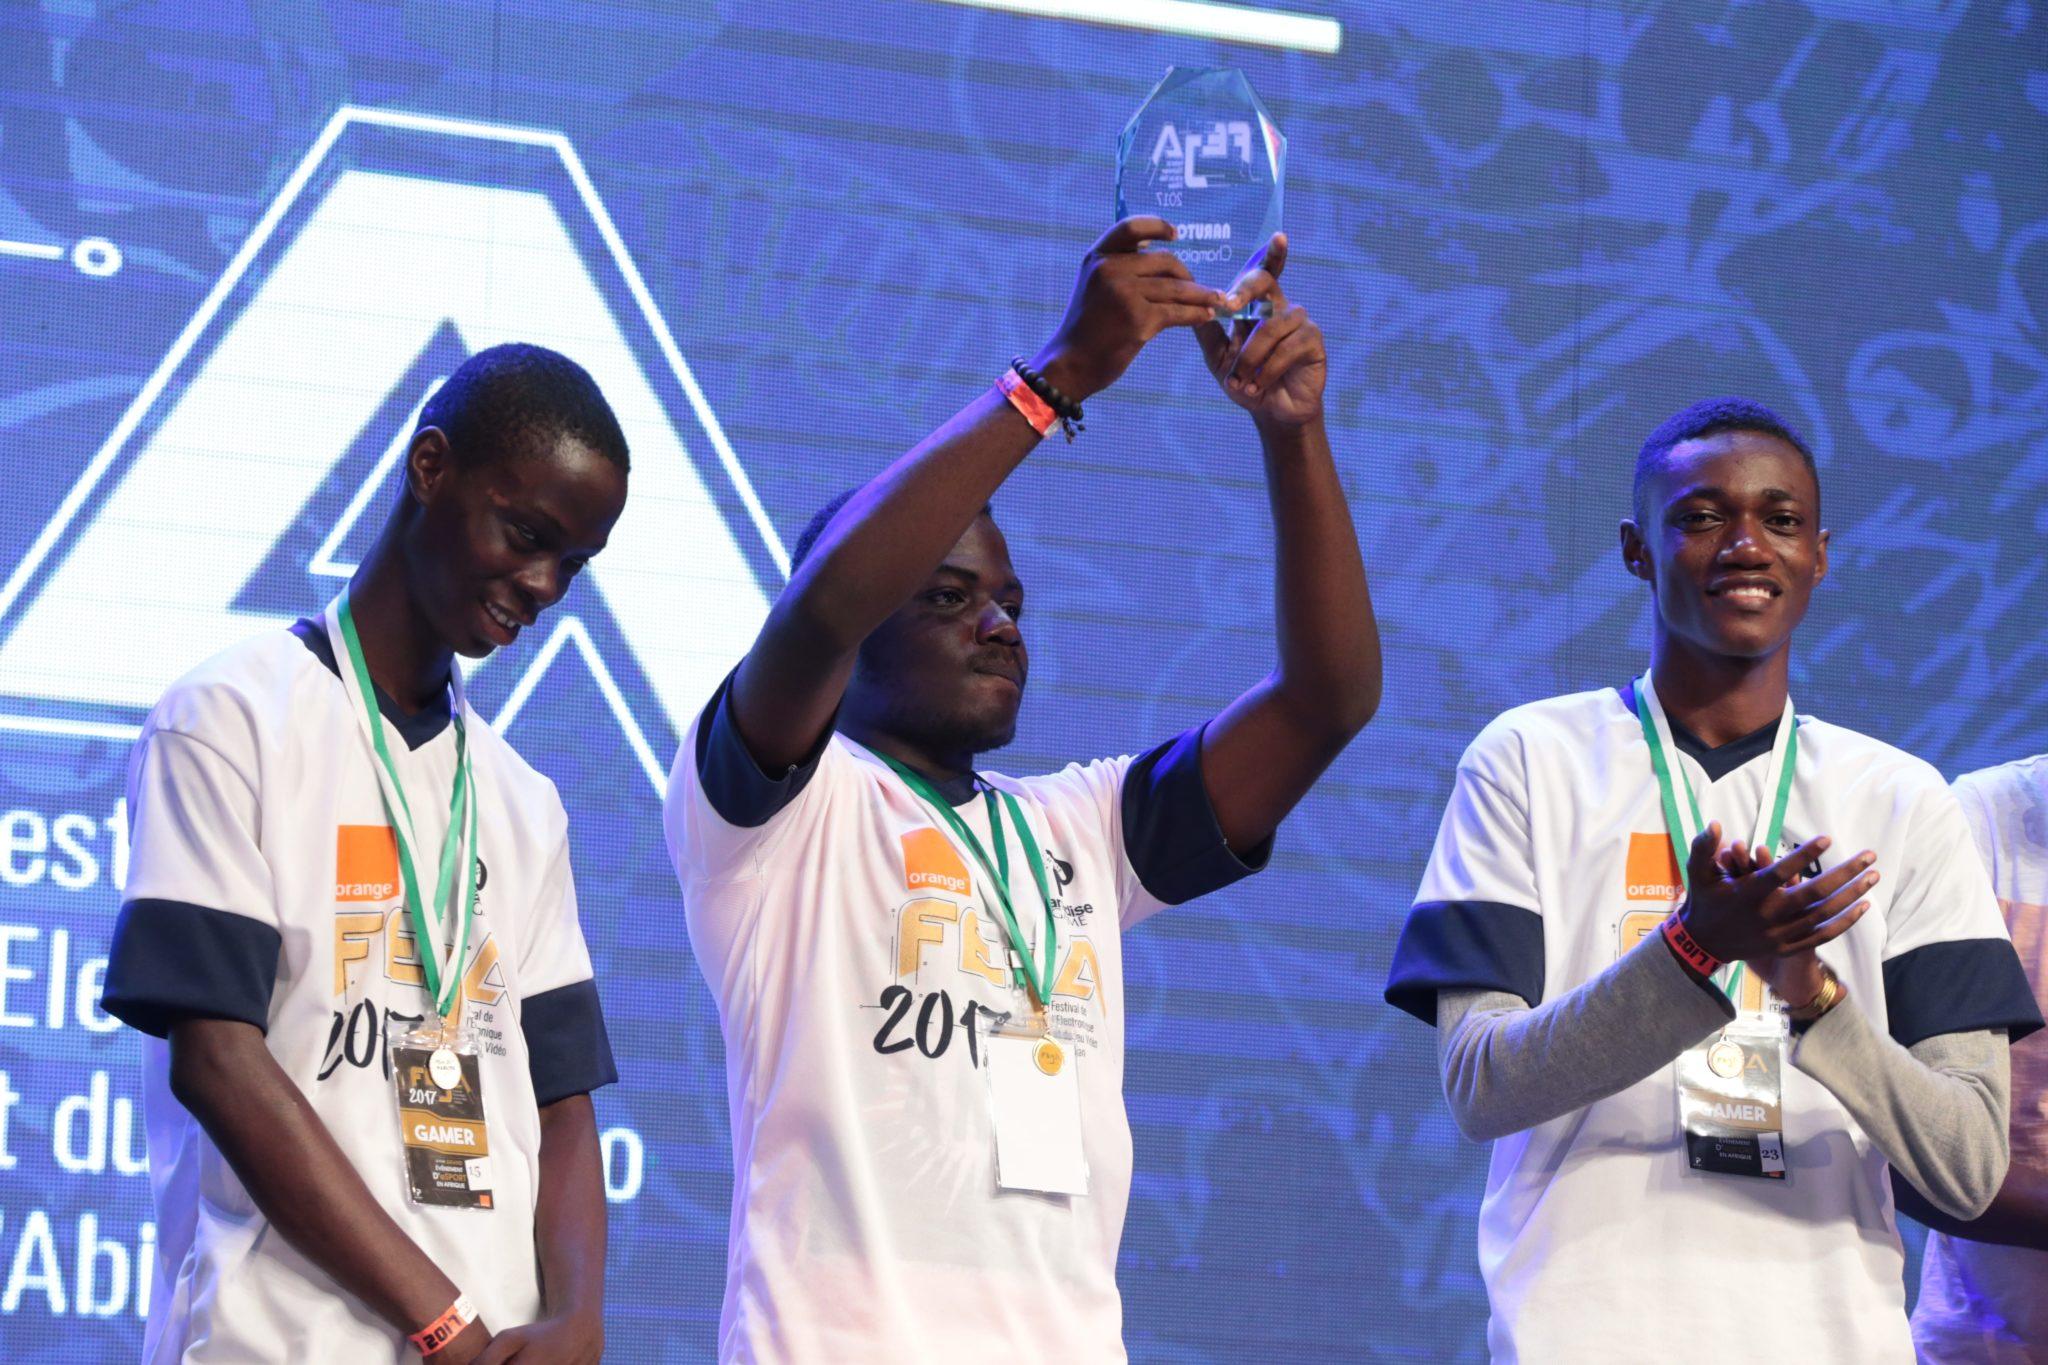 Abidjan a accueilli le premier et plus grand événement eSport en Afrique où 256 gamers se sont réunis au Palais de la Culture pendant deux jours de compétition, 11 et 12 novembre 2017.